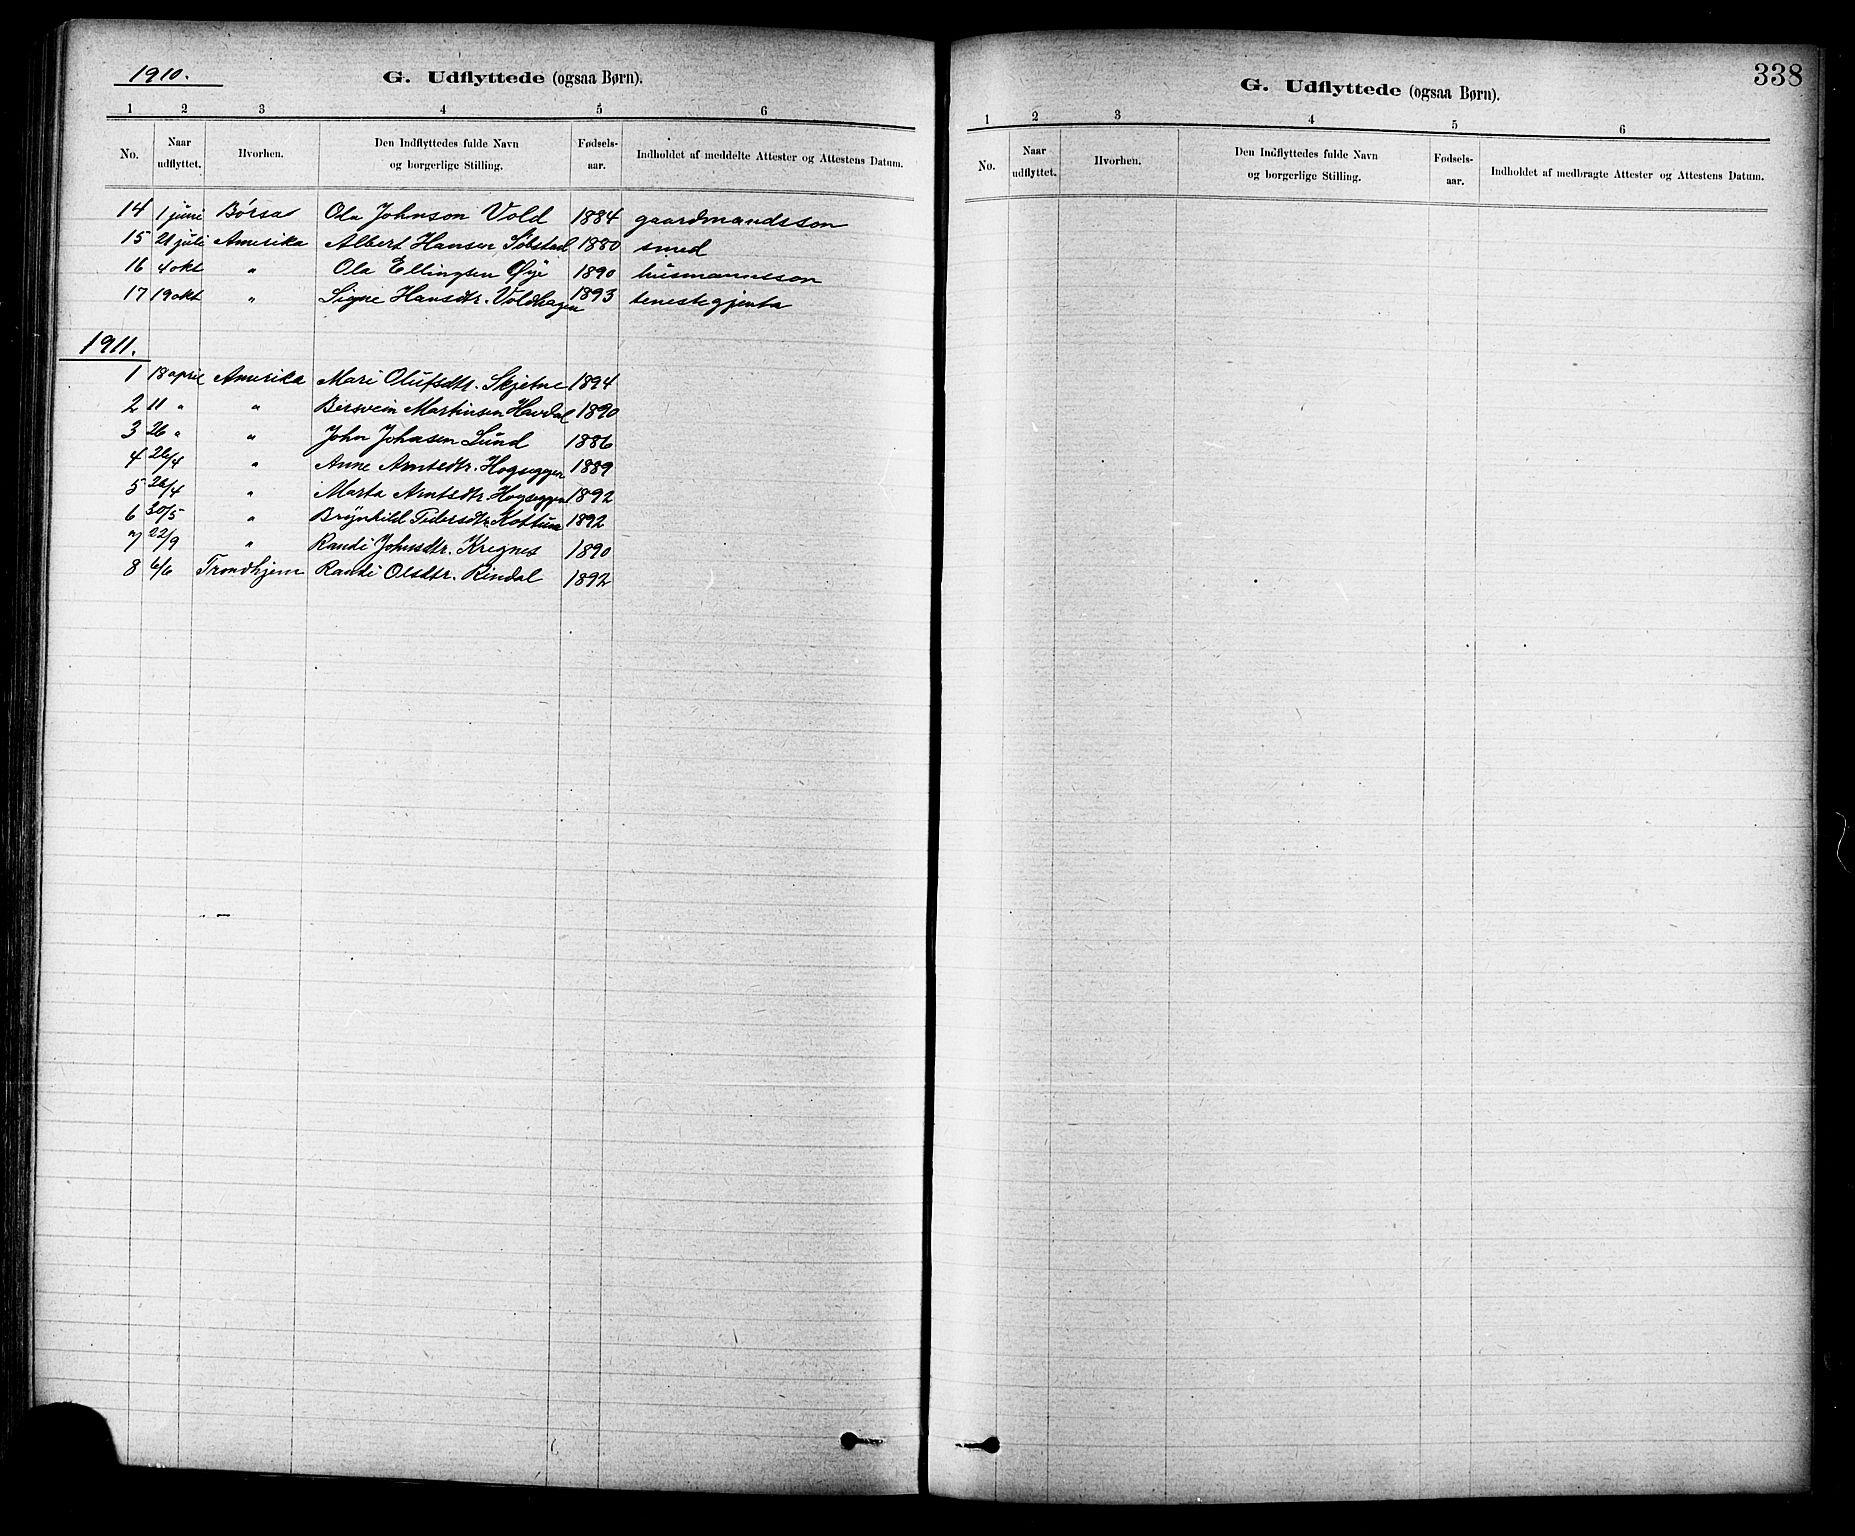 SAT, Ministerialprotokoller, klokkerbøker og fødselsregistre - Sør-Trøndelag, 691/L1094: Klokkerbok nr. 691C05, 1879-1911, s. 338